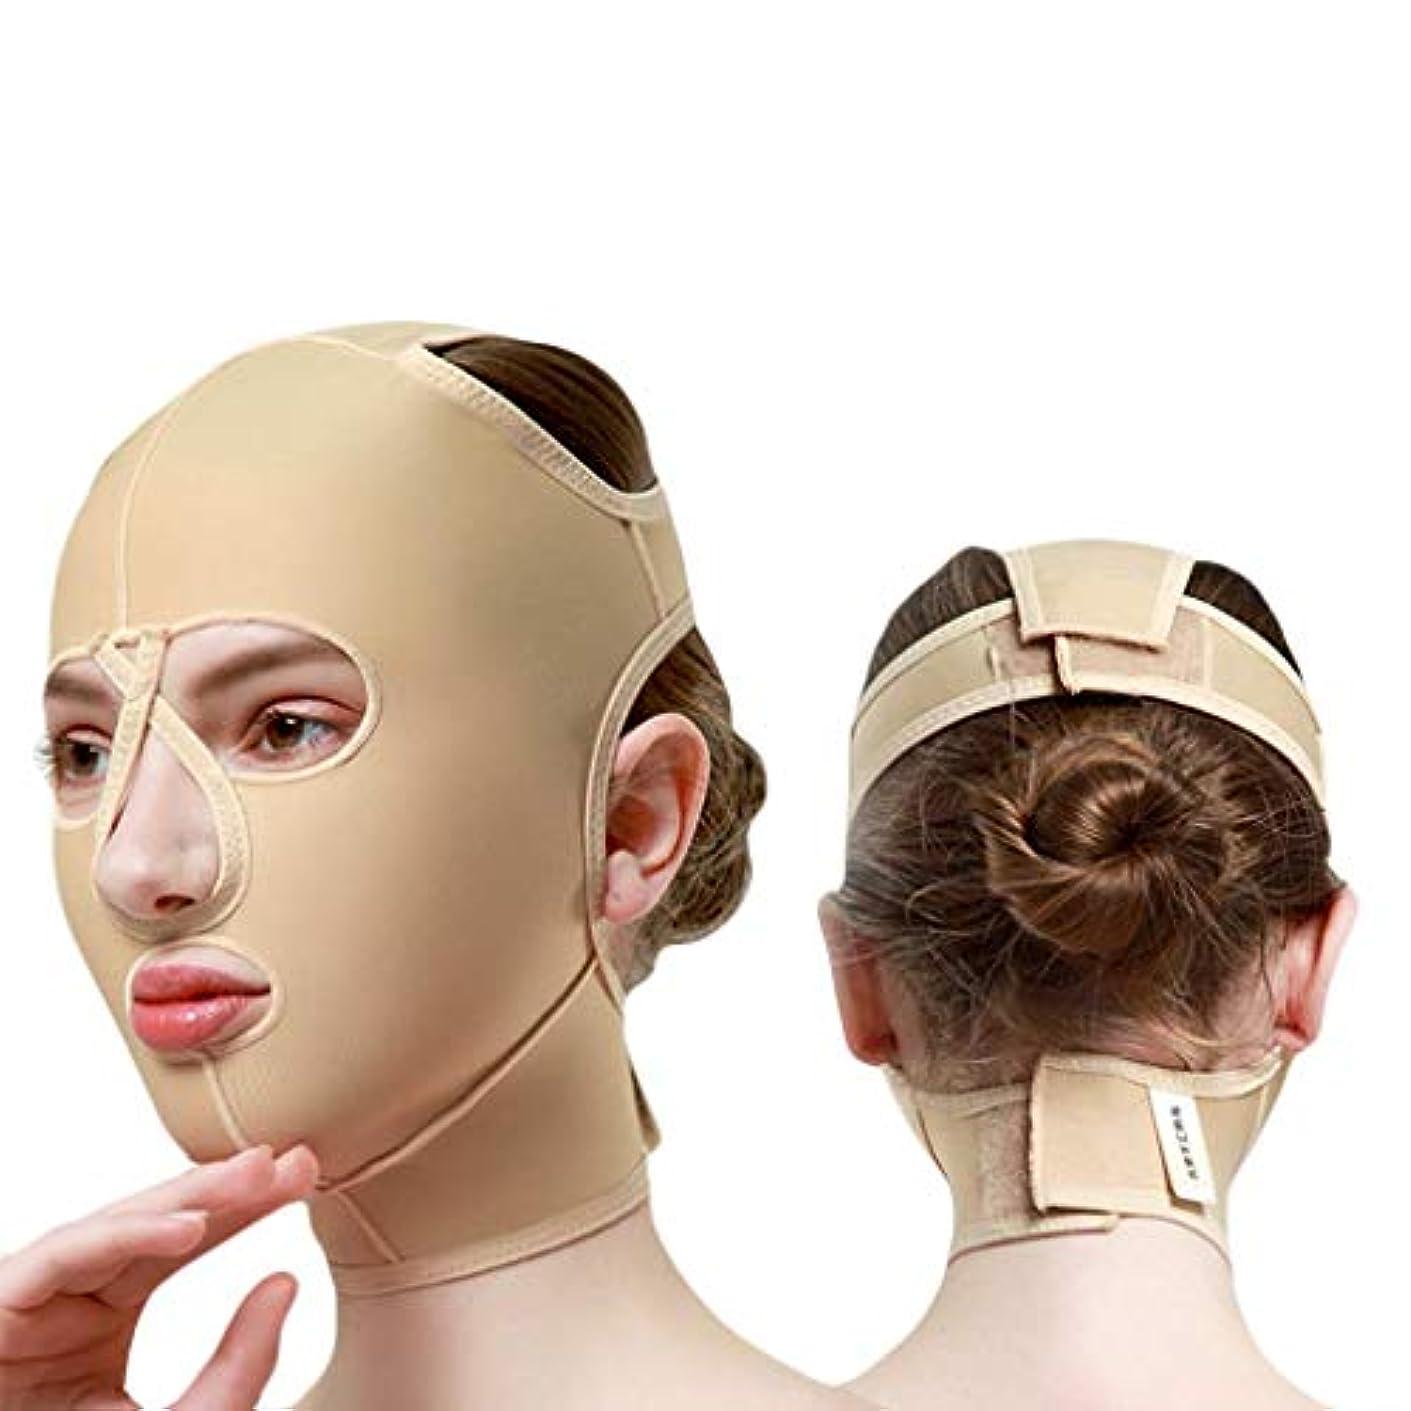 ベルト磨かれた合わせてチンストラップ、顔彫りツール、リフティングマスク、ダブルチンリデューサー、フェイスリフティングエラスティックマスクメス(サイズ:M),S